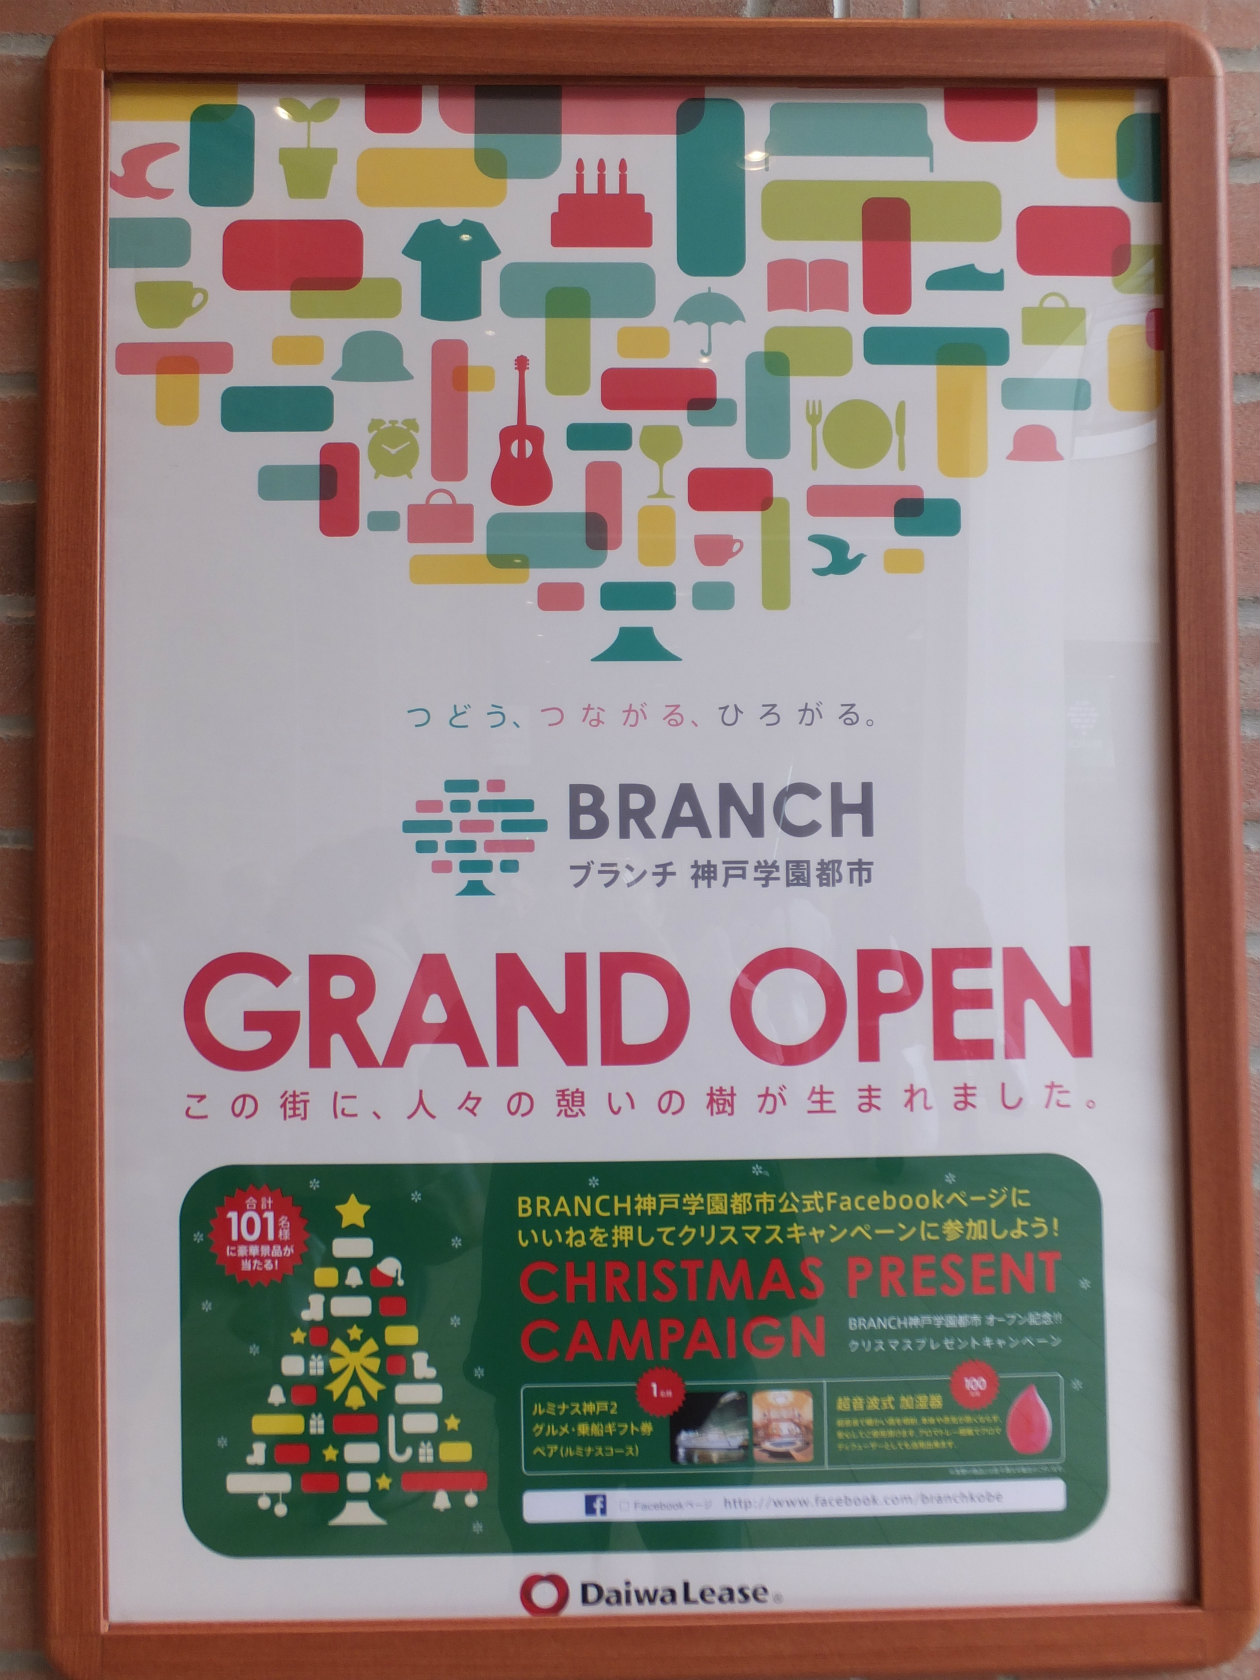 オオサカバーガー ブランチ神戸学園都市店